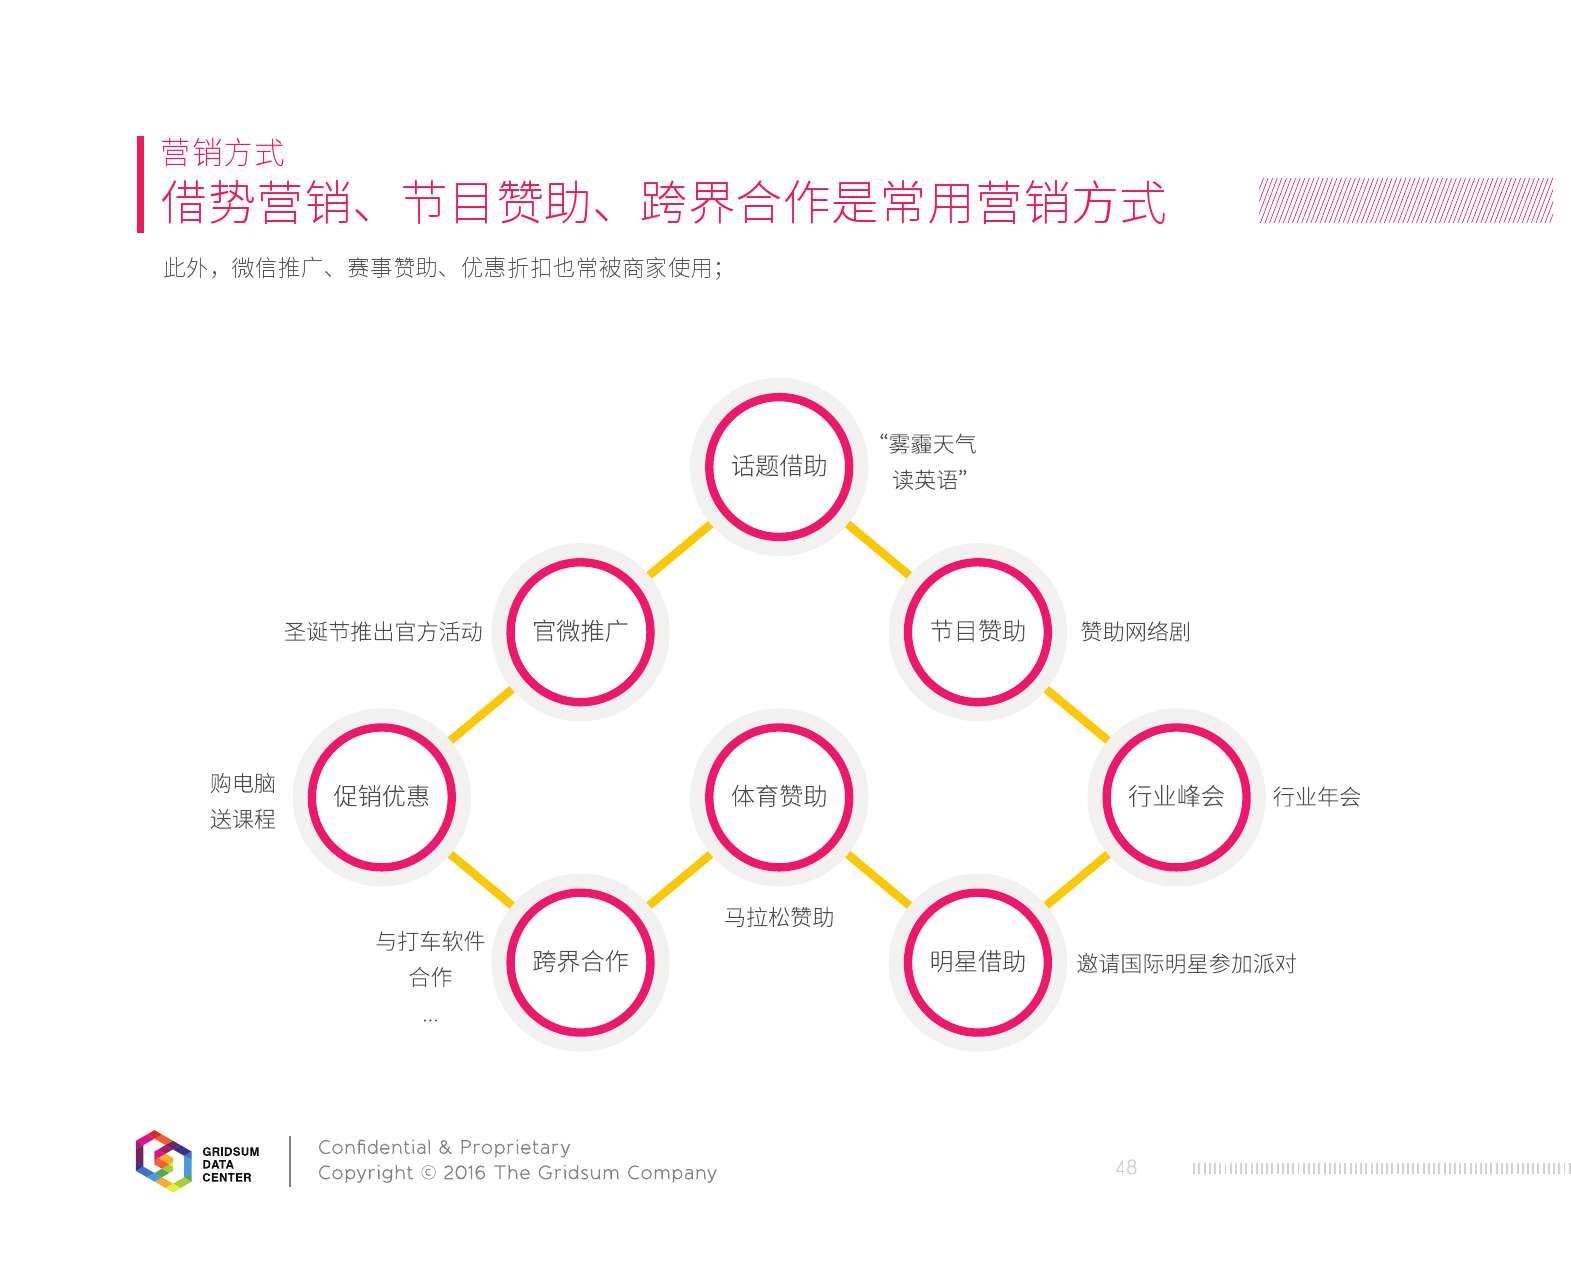 2015中国互联网发展报告_000050